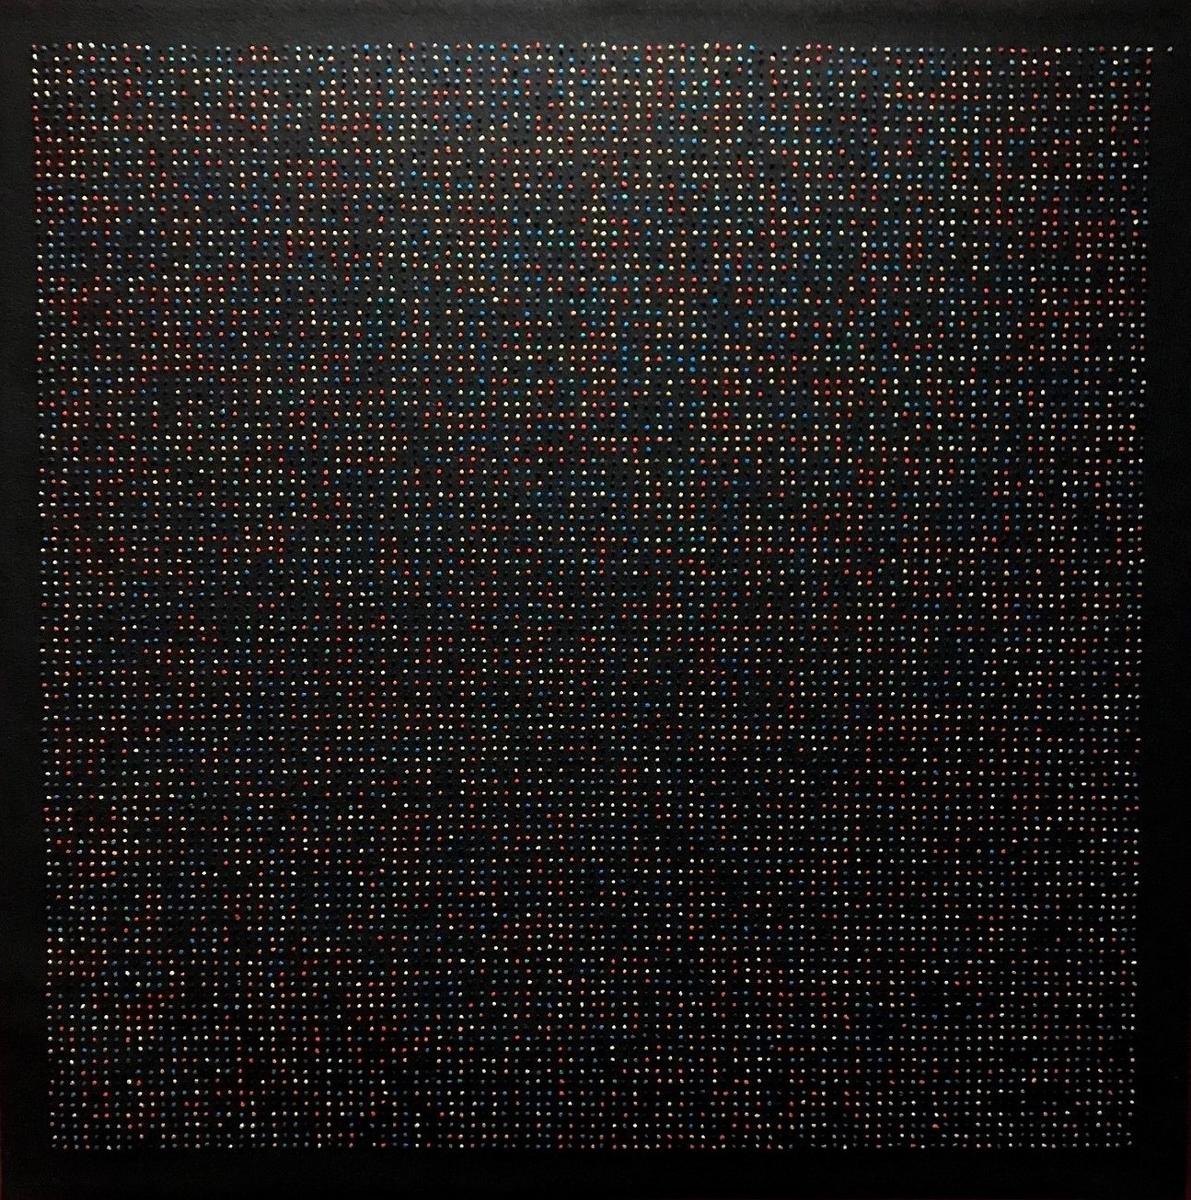 9802 broderte knuter i ulike farger på svart bunn. Knutene danner et kvadrat på 99 x 99 punkter, med en ubrodert del av bunnen som danner en ramme rundt ruten av de små fargepunktene. Én varmgul knute er satt utenfor ruten, øverst til høyre. Denne representerer tallet 3. Deretter følger, mot venstre og linje for linje nedover, et utsnitt av desimalene i pi, der hvert siffer fra 0 til 9 er gitt sin faste farge. Tallet pi forenkles gjerne i praktisk bruk i matematikken til 3,14, men desimalene etter kommaet slutter egentlig aldri. Pi er 3,141 592 653 589793238 …og så videre. Desimalene repeteres ikke i noe mønster, går ikke i sirkel og fortsetter altså i det uendelige. Verket er dermed en visualisering av pi, men ikke mer nøyaktig enn med 9801 desimaler. Fargepunktene representerer starten på en uendelighet. I komposisjonen opptrer de som kaos, men fordi de er små og mange, oppstår samtidig et rolig uttrykk.